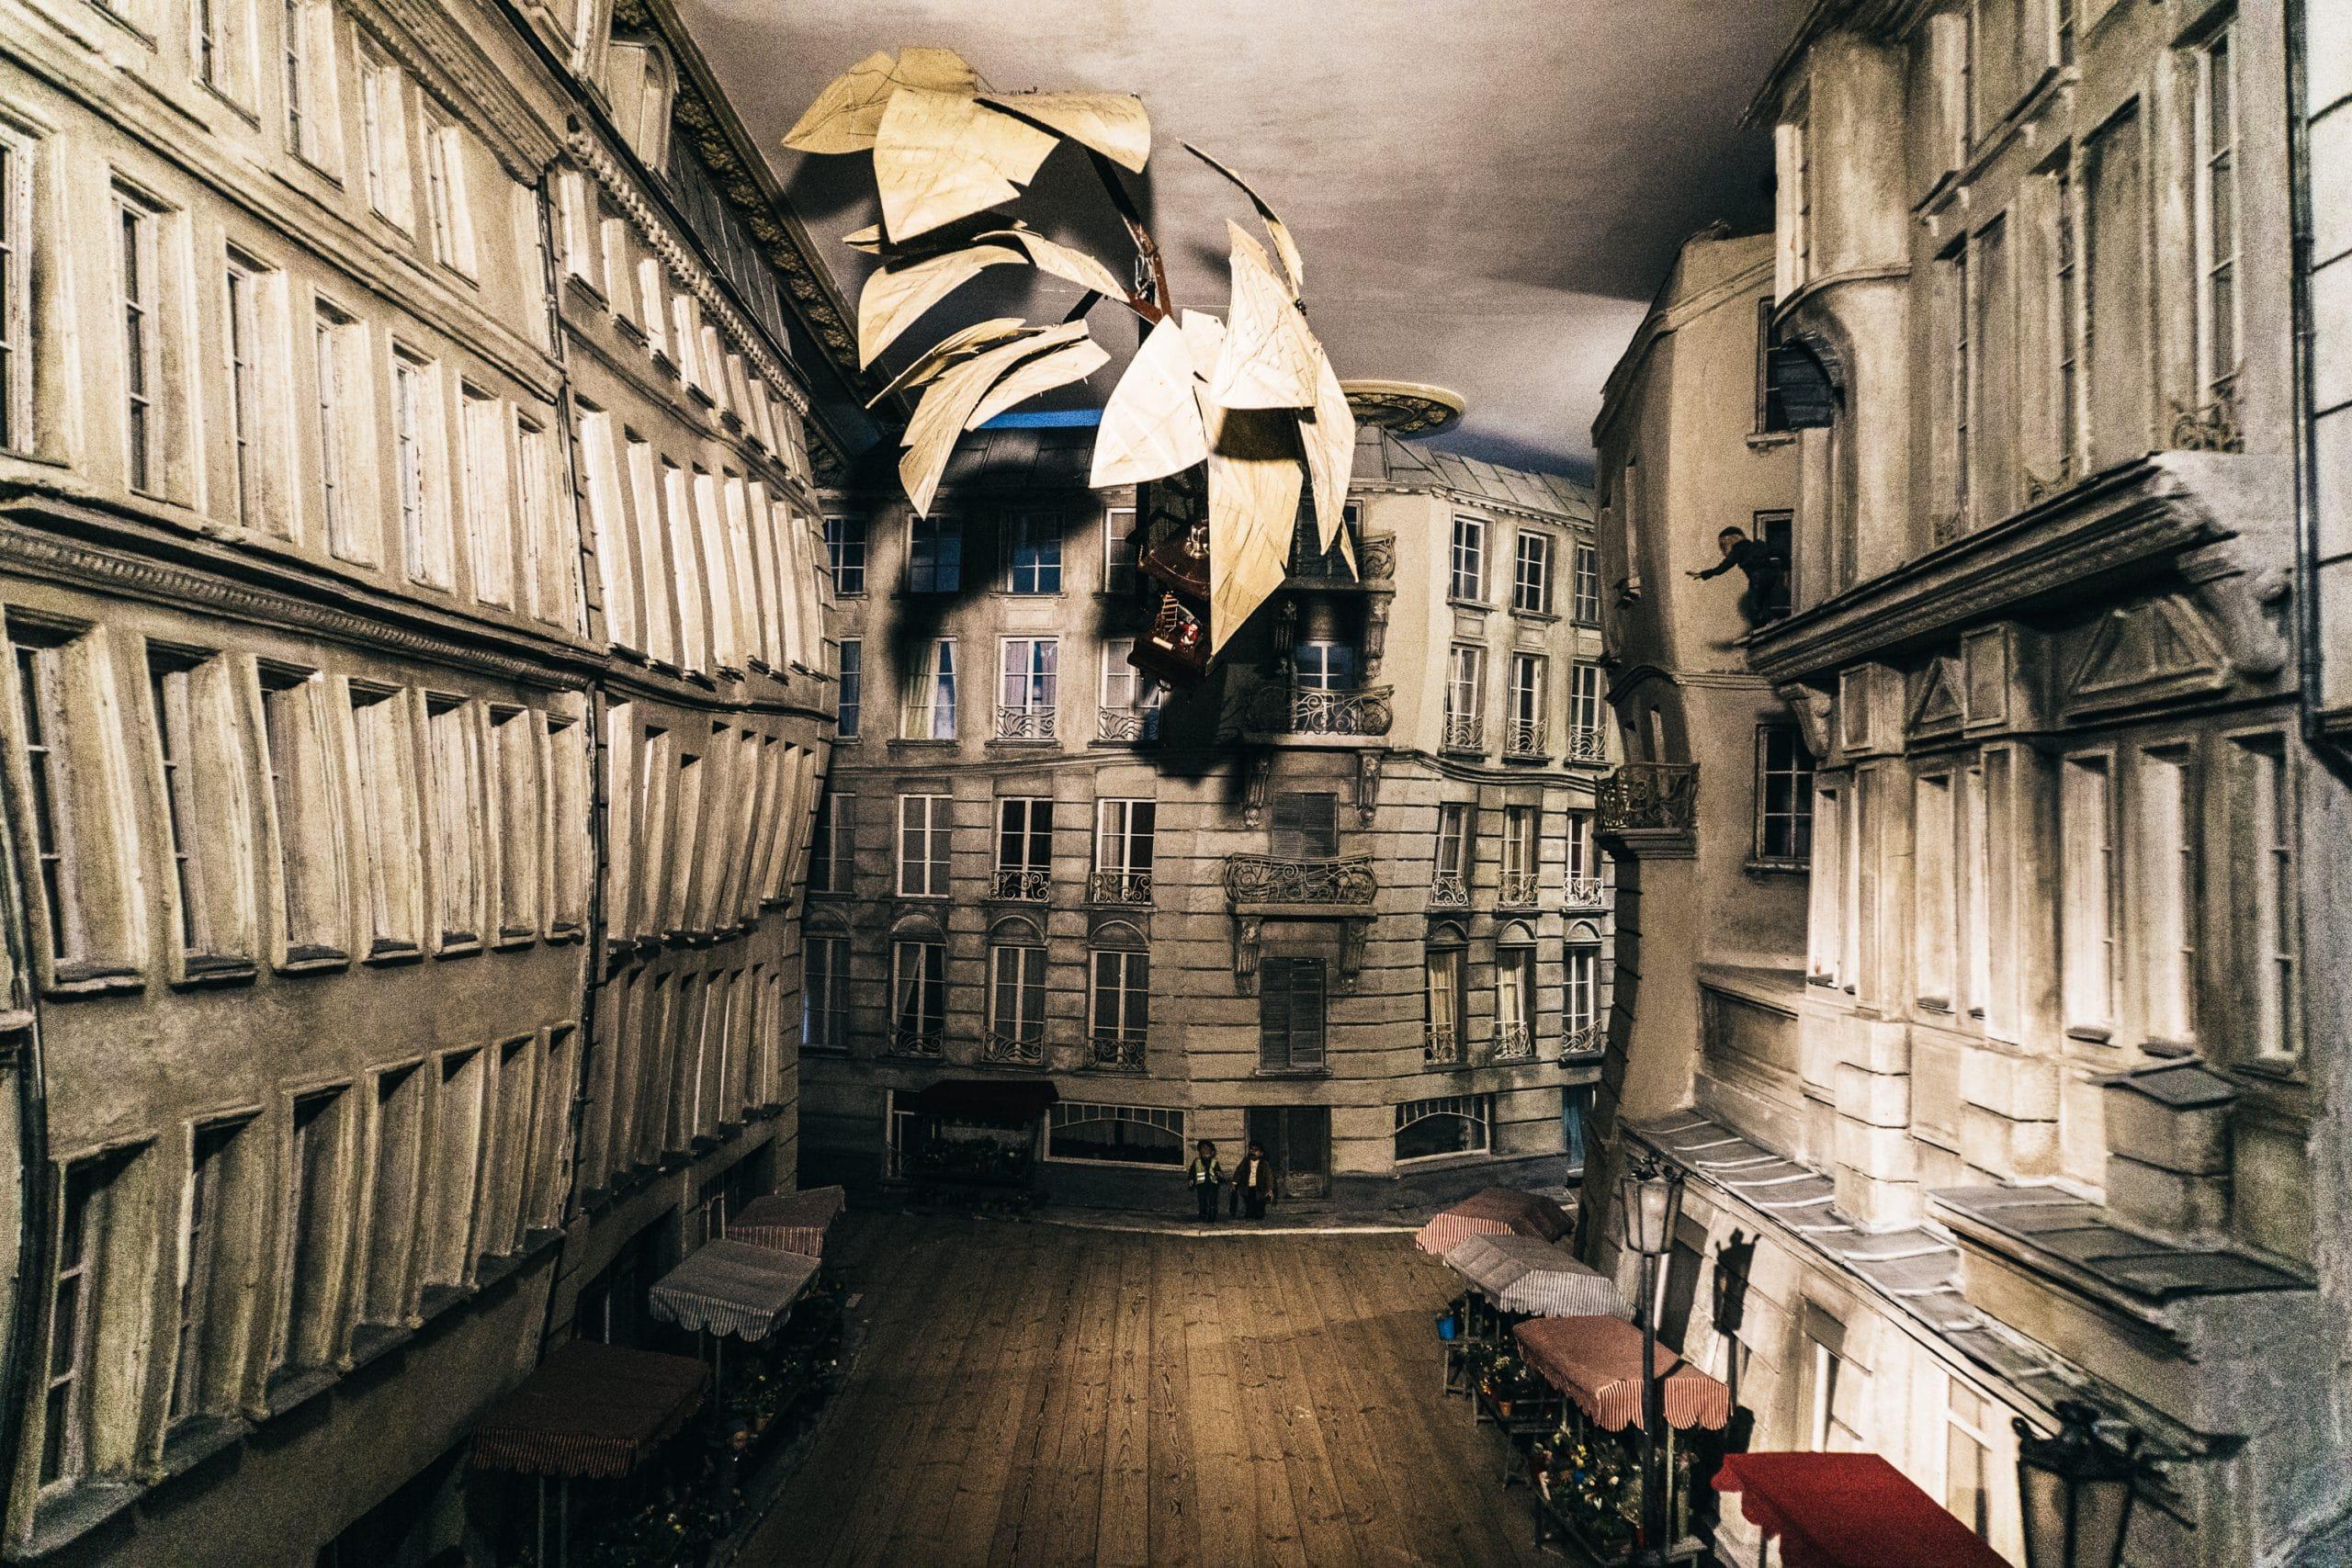 Lodz Top Ten Sehenswürdigkeiten - Highlights für euren Städtetrip in Polen - Museum für Kinematografie